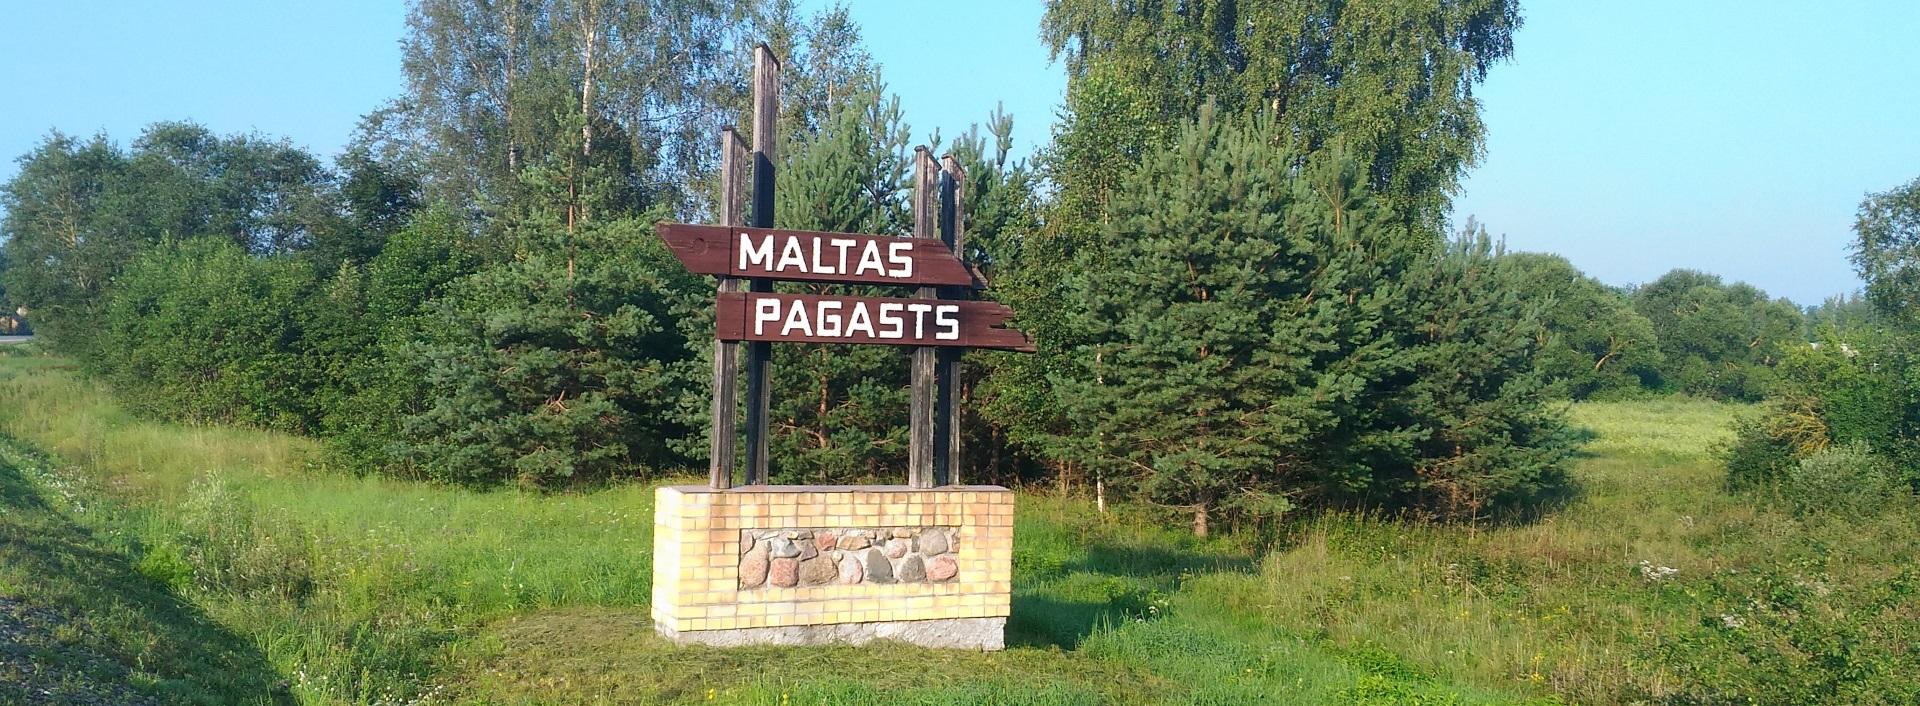 maltas_pagasta_zime